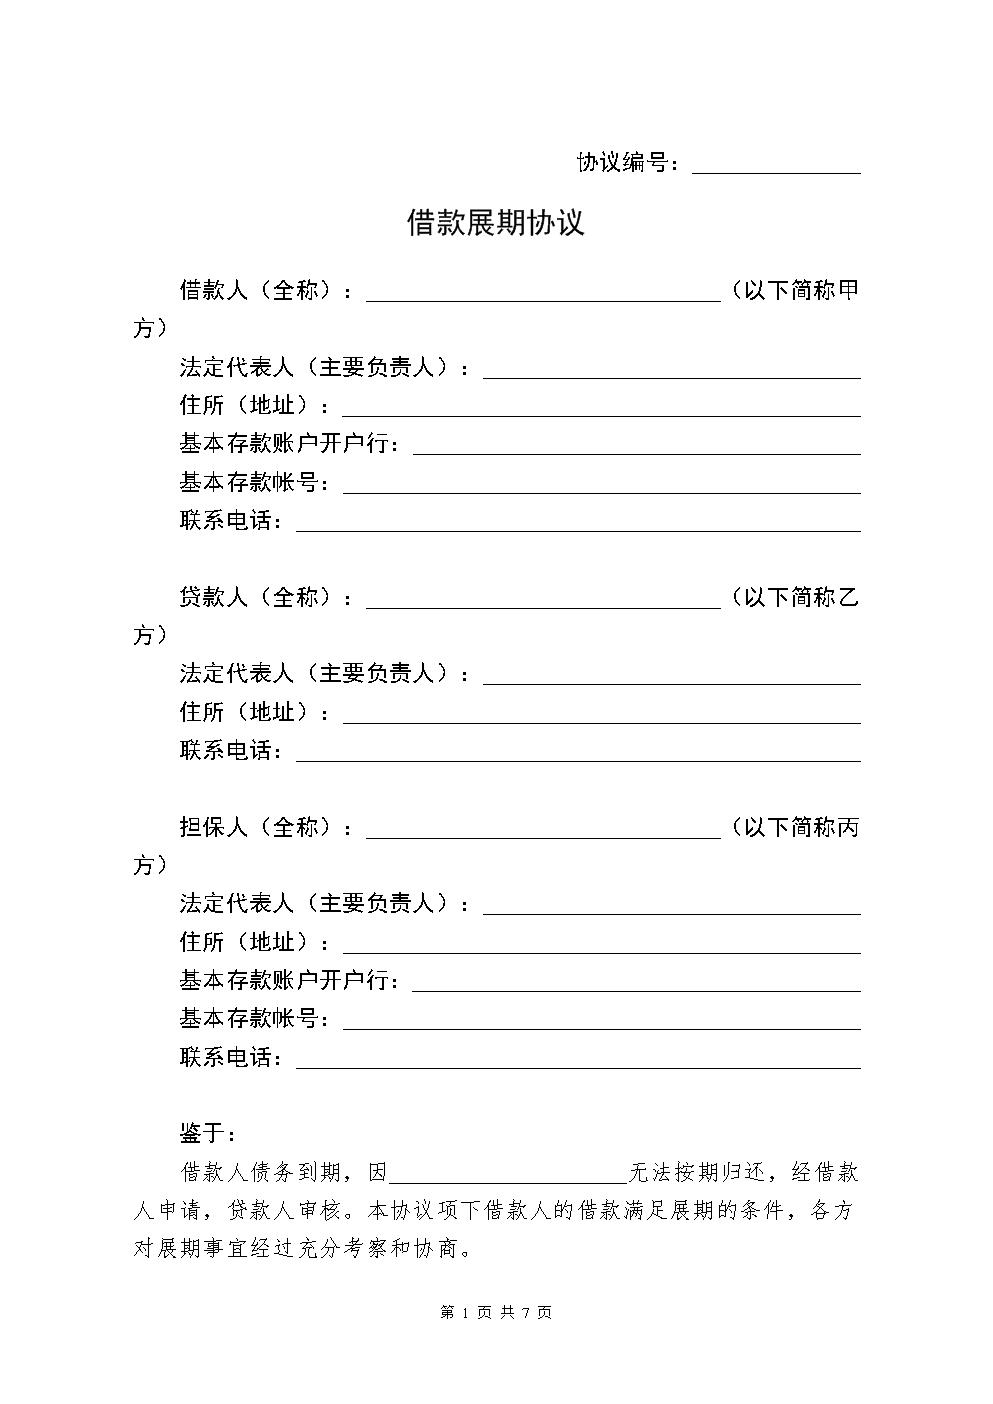 【1-40】借款展期协议.doc